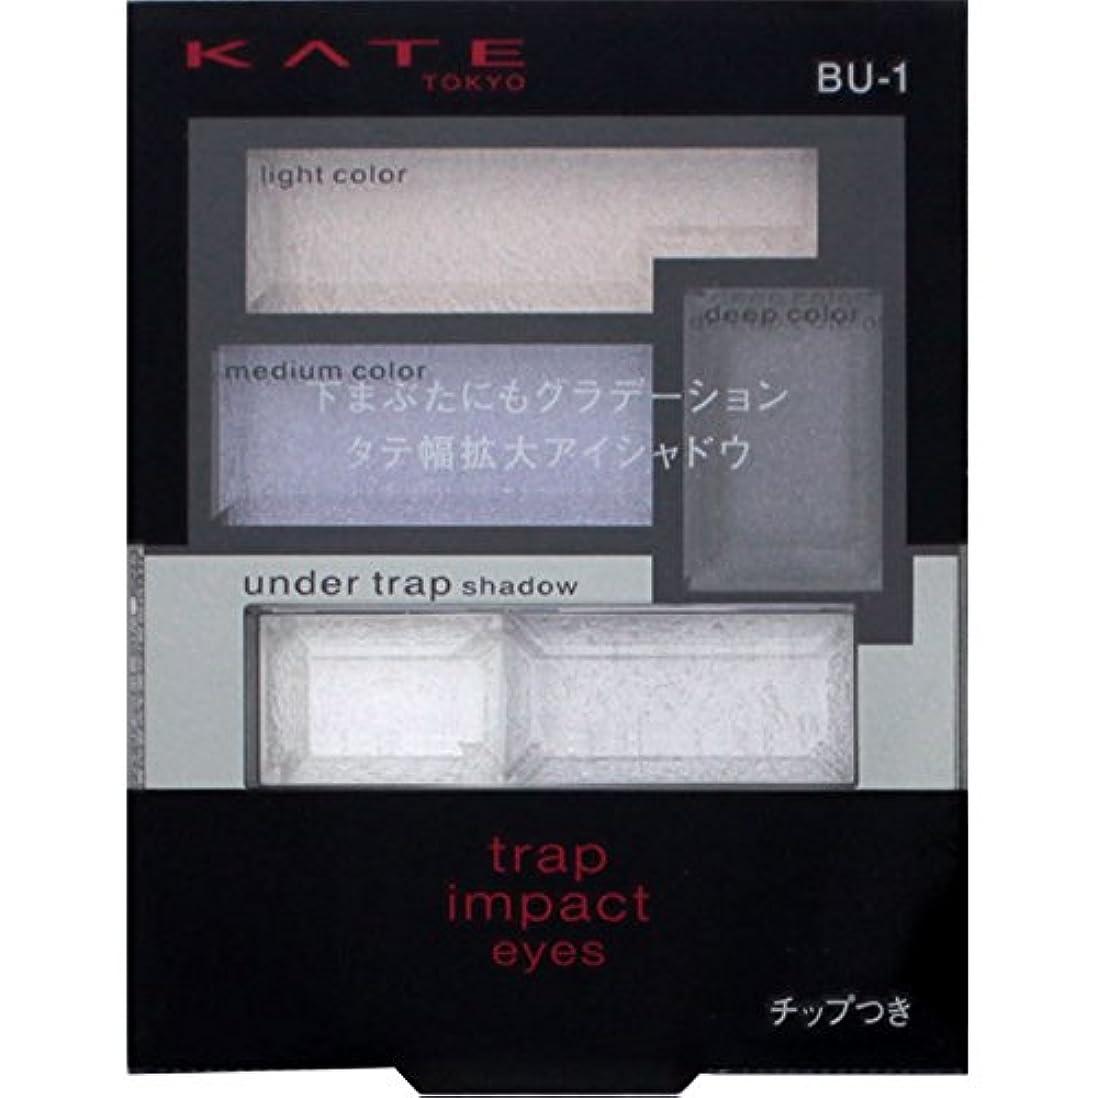 ベスト正確さ理解カネボウ ケイト トラップインパクトアイズ BU-1